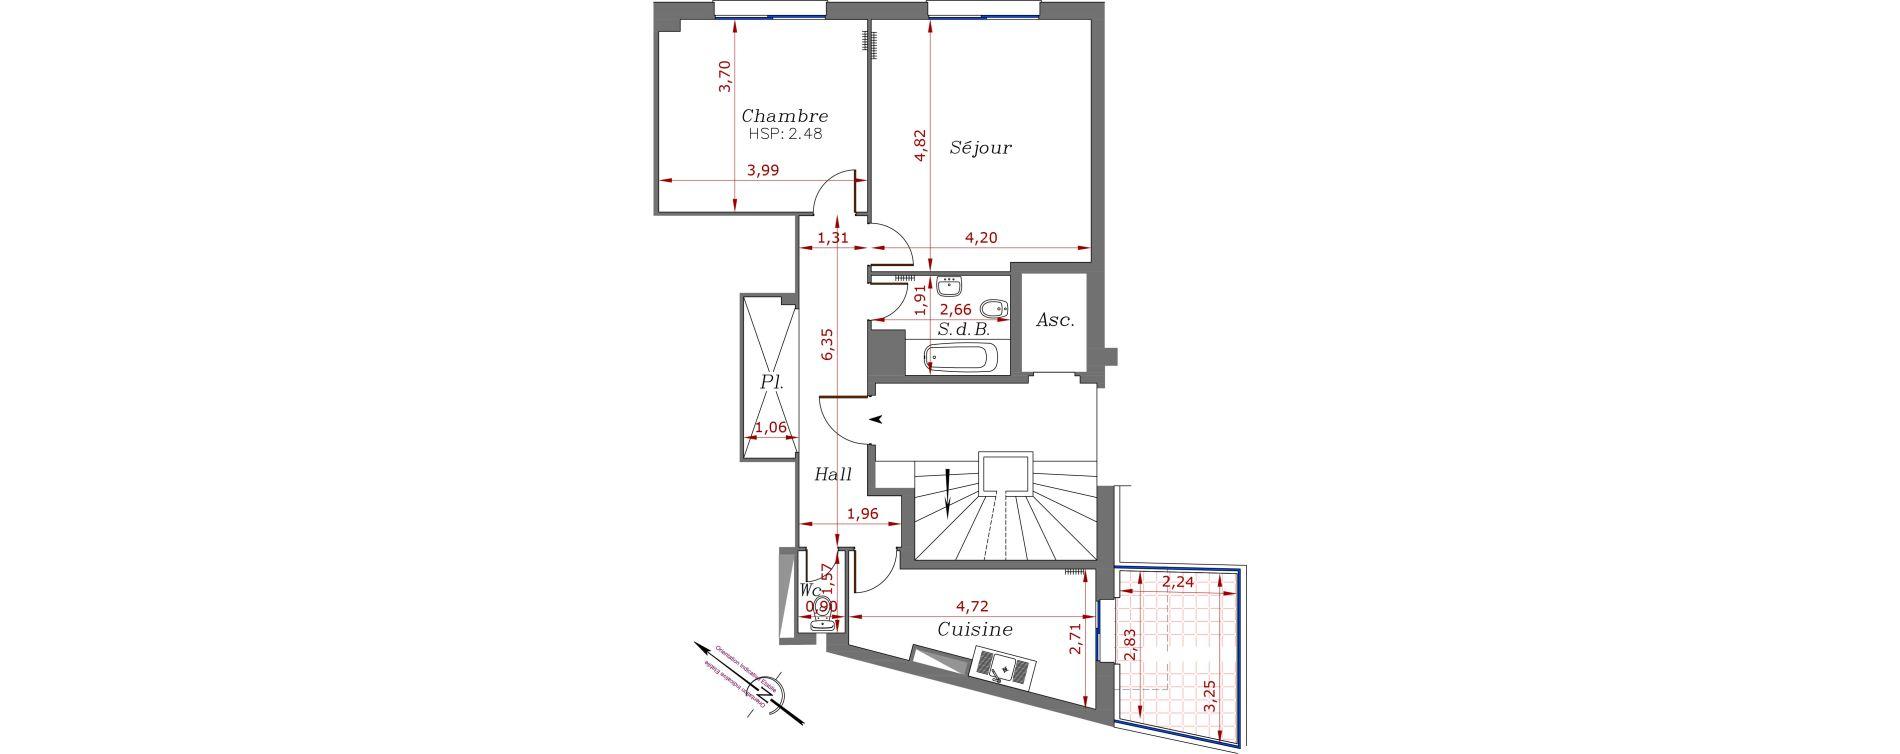 Appartement T2 de 62,10 m2 à Menton Centre